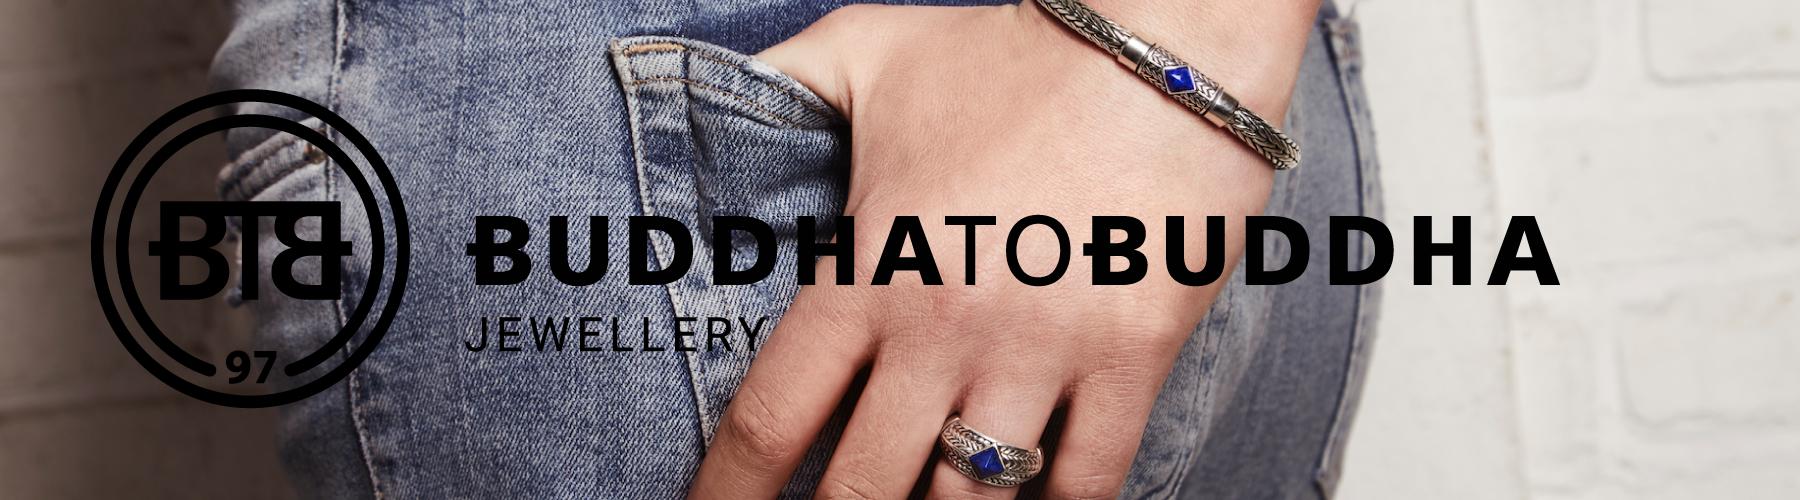 Buddha-to-buddha-sieraden-bij-Wolters-Juweliers-Coevorden-Emmen